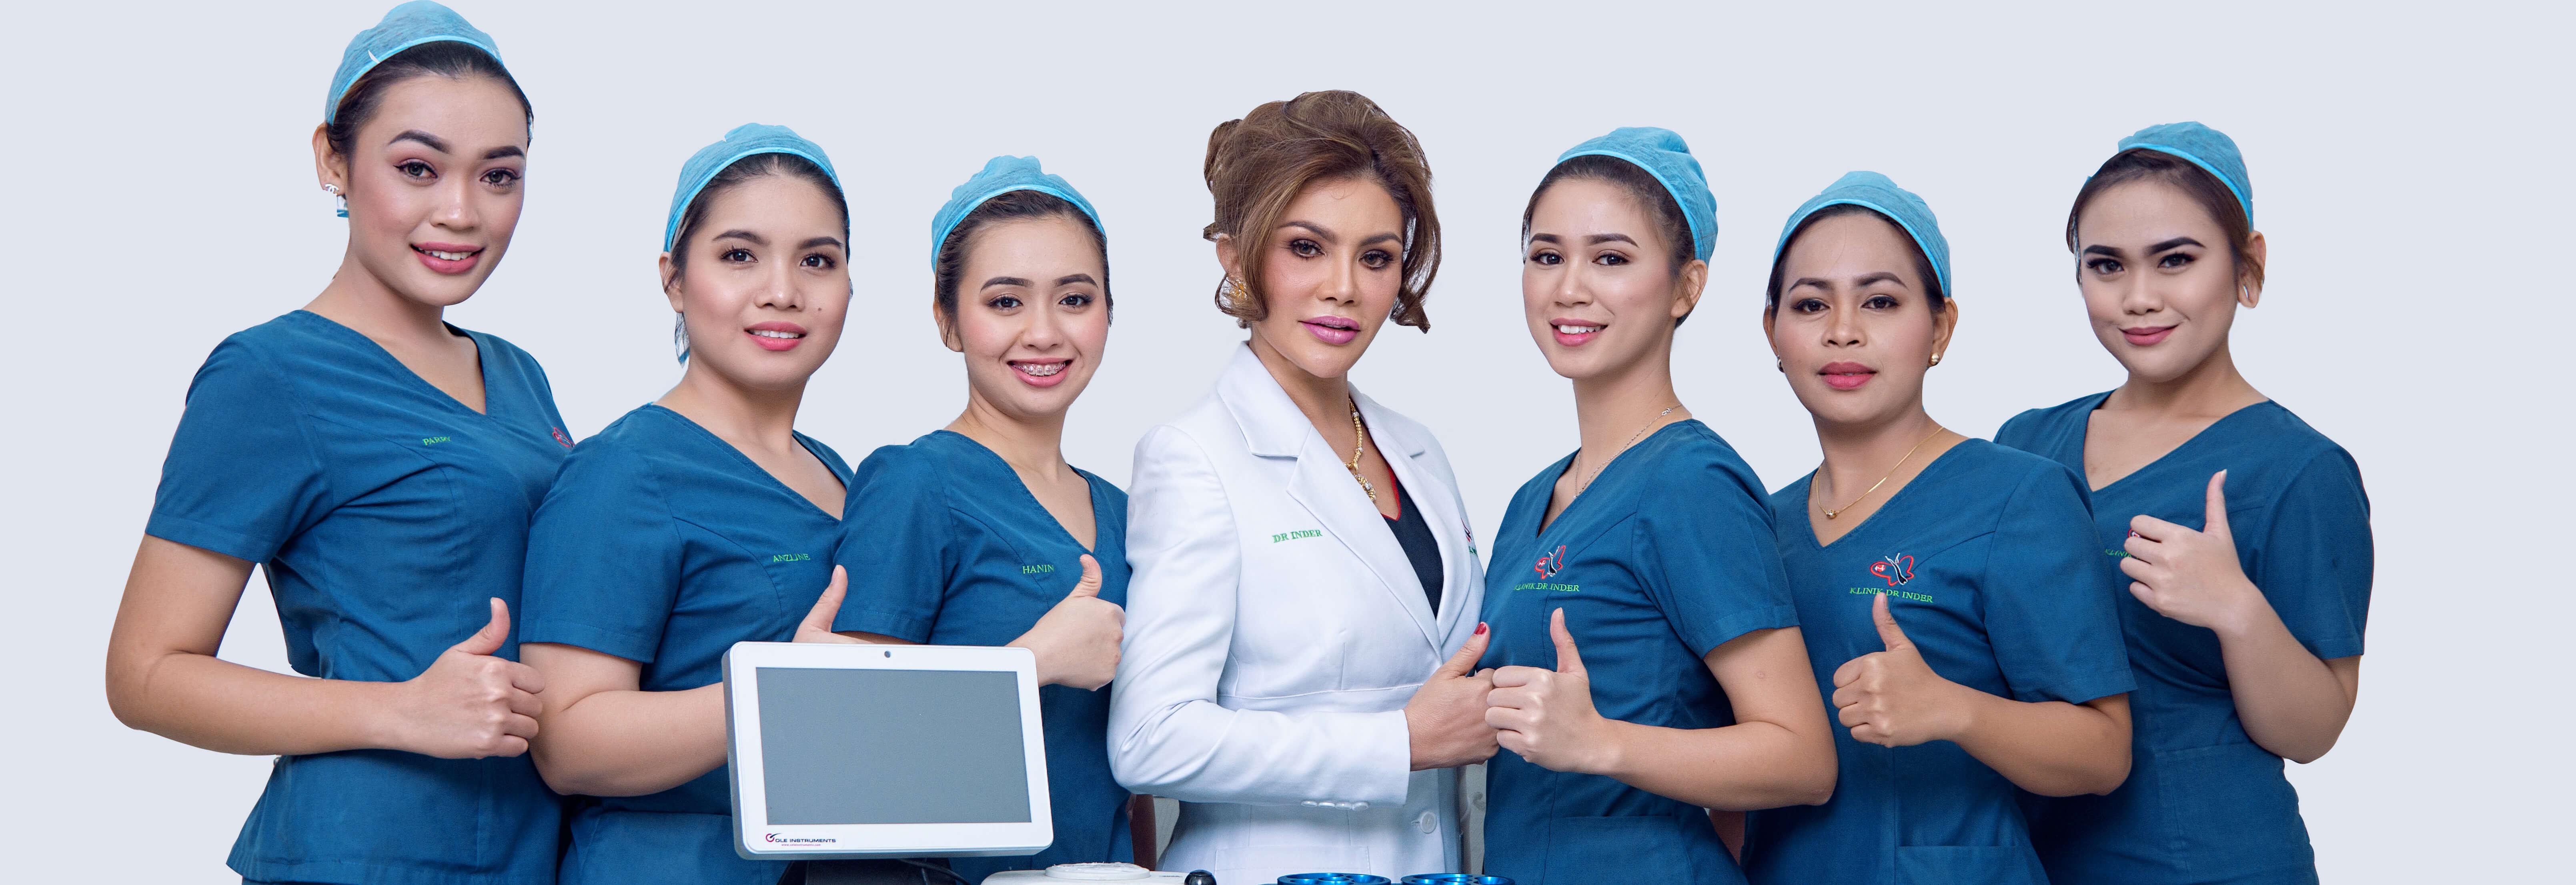 Klinik Dr. Inder